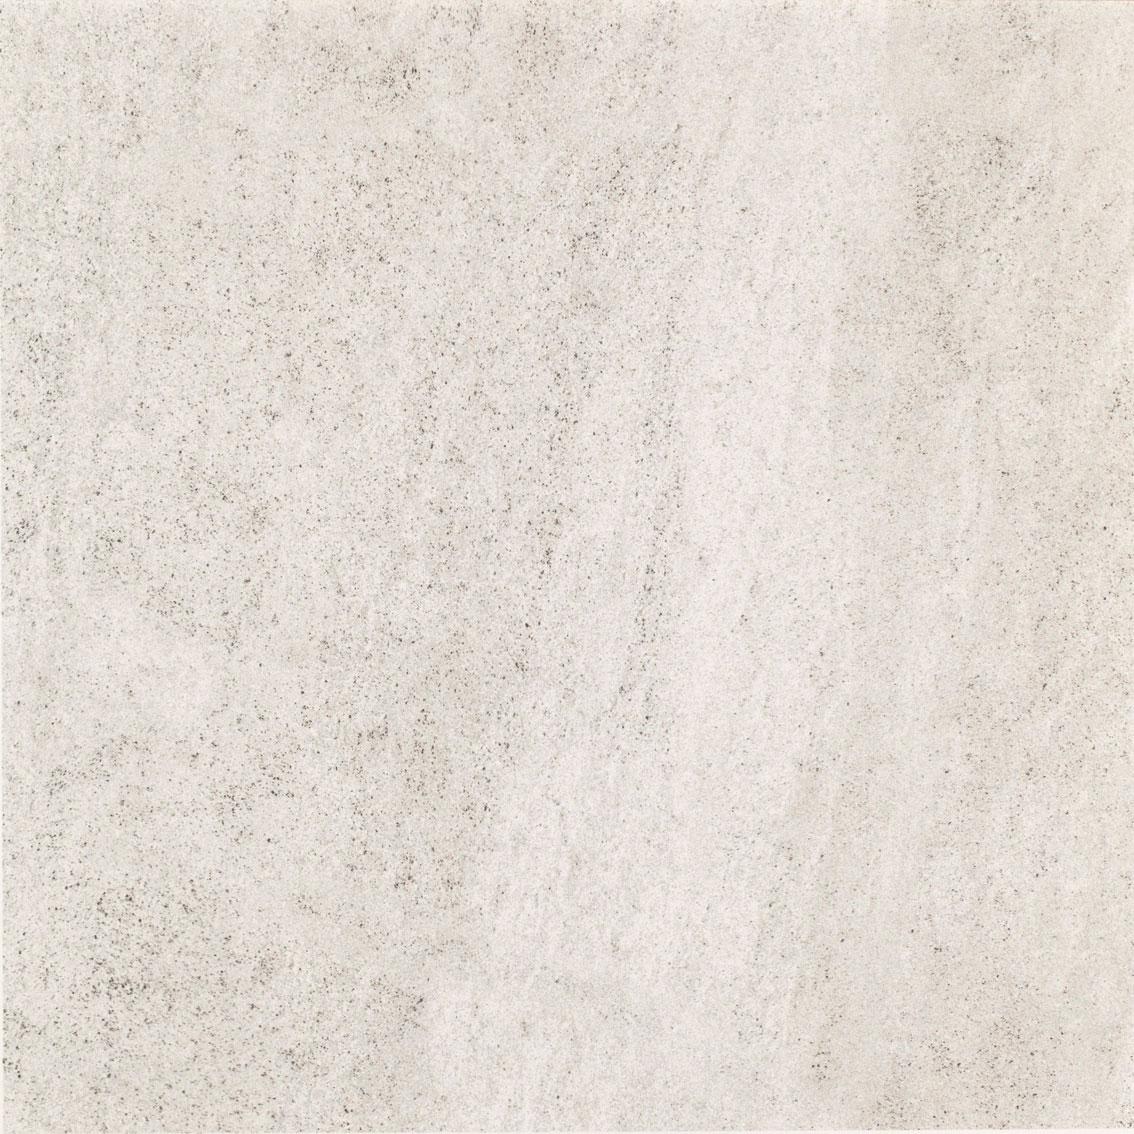 Напольная плитка Ceramika Paradyz Milio grys 40x40 (1,6) бордюр paradyz emilly milio sepia 2 3x60